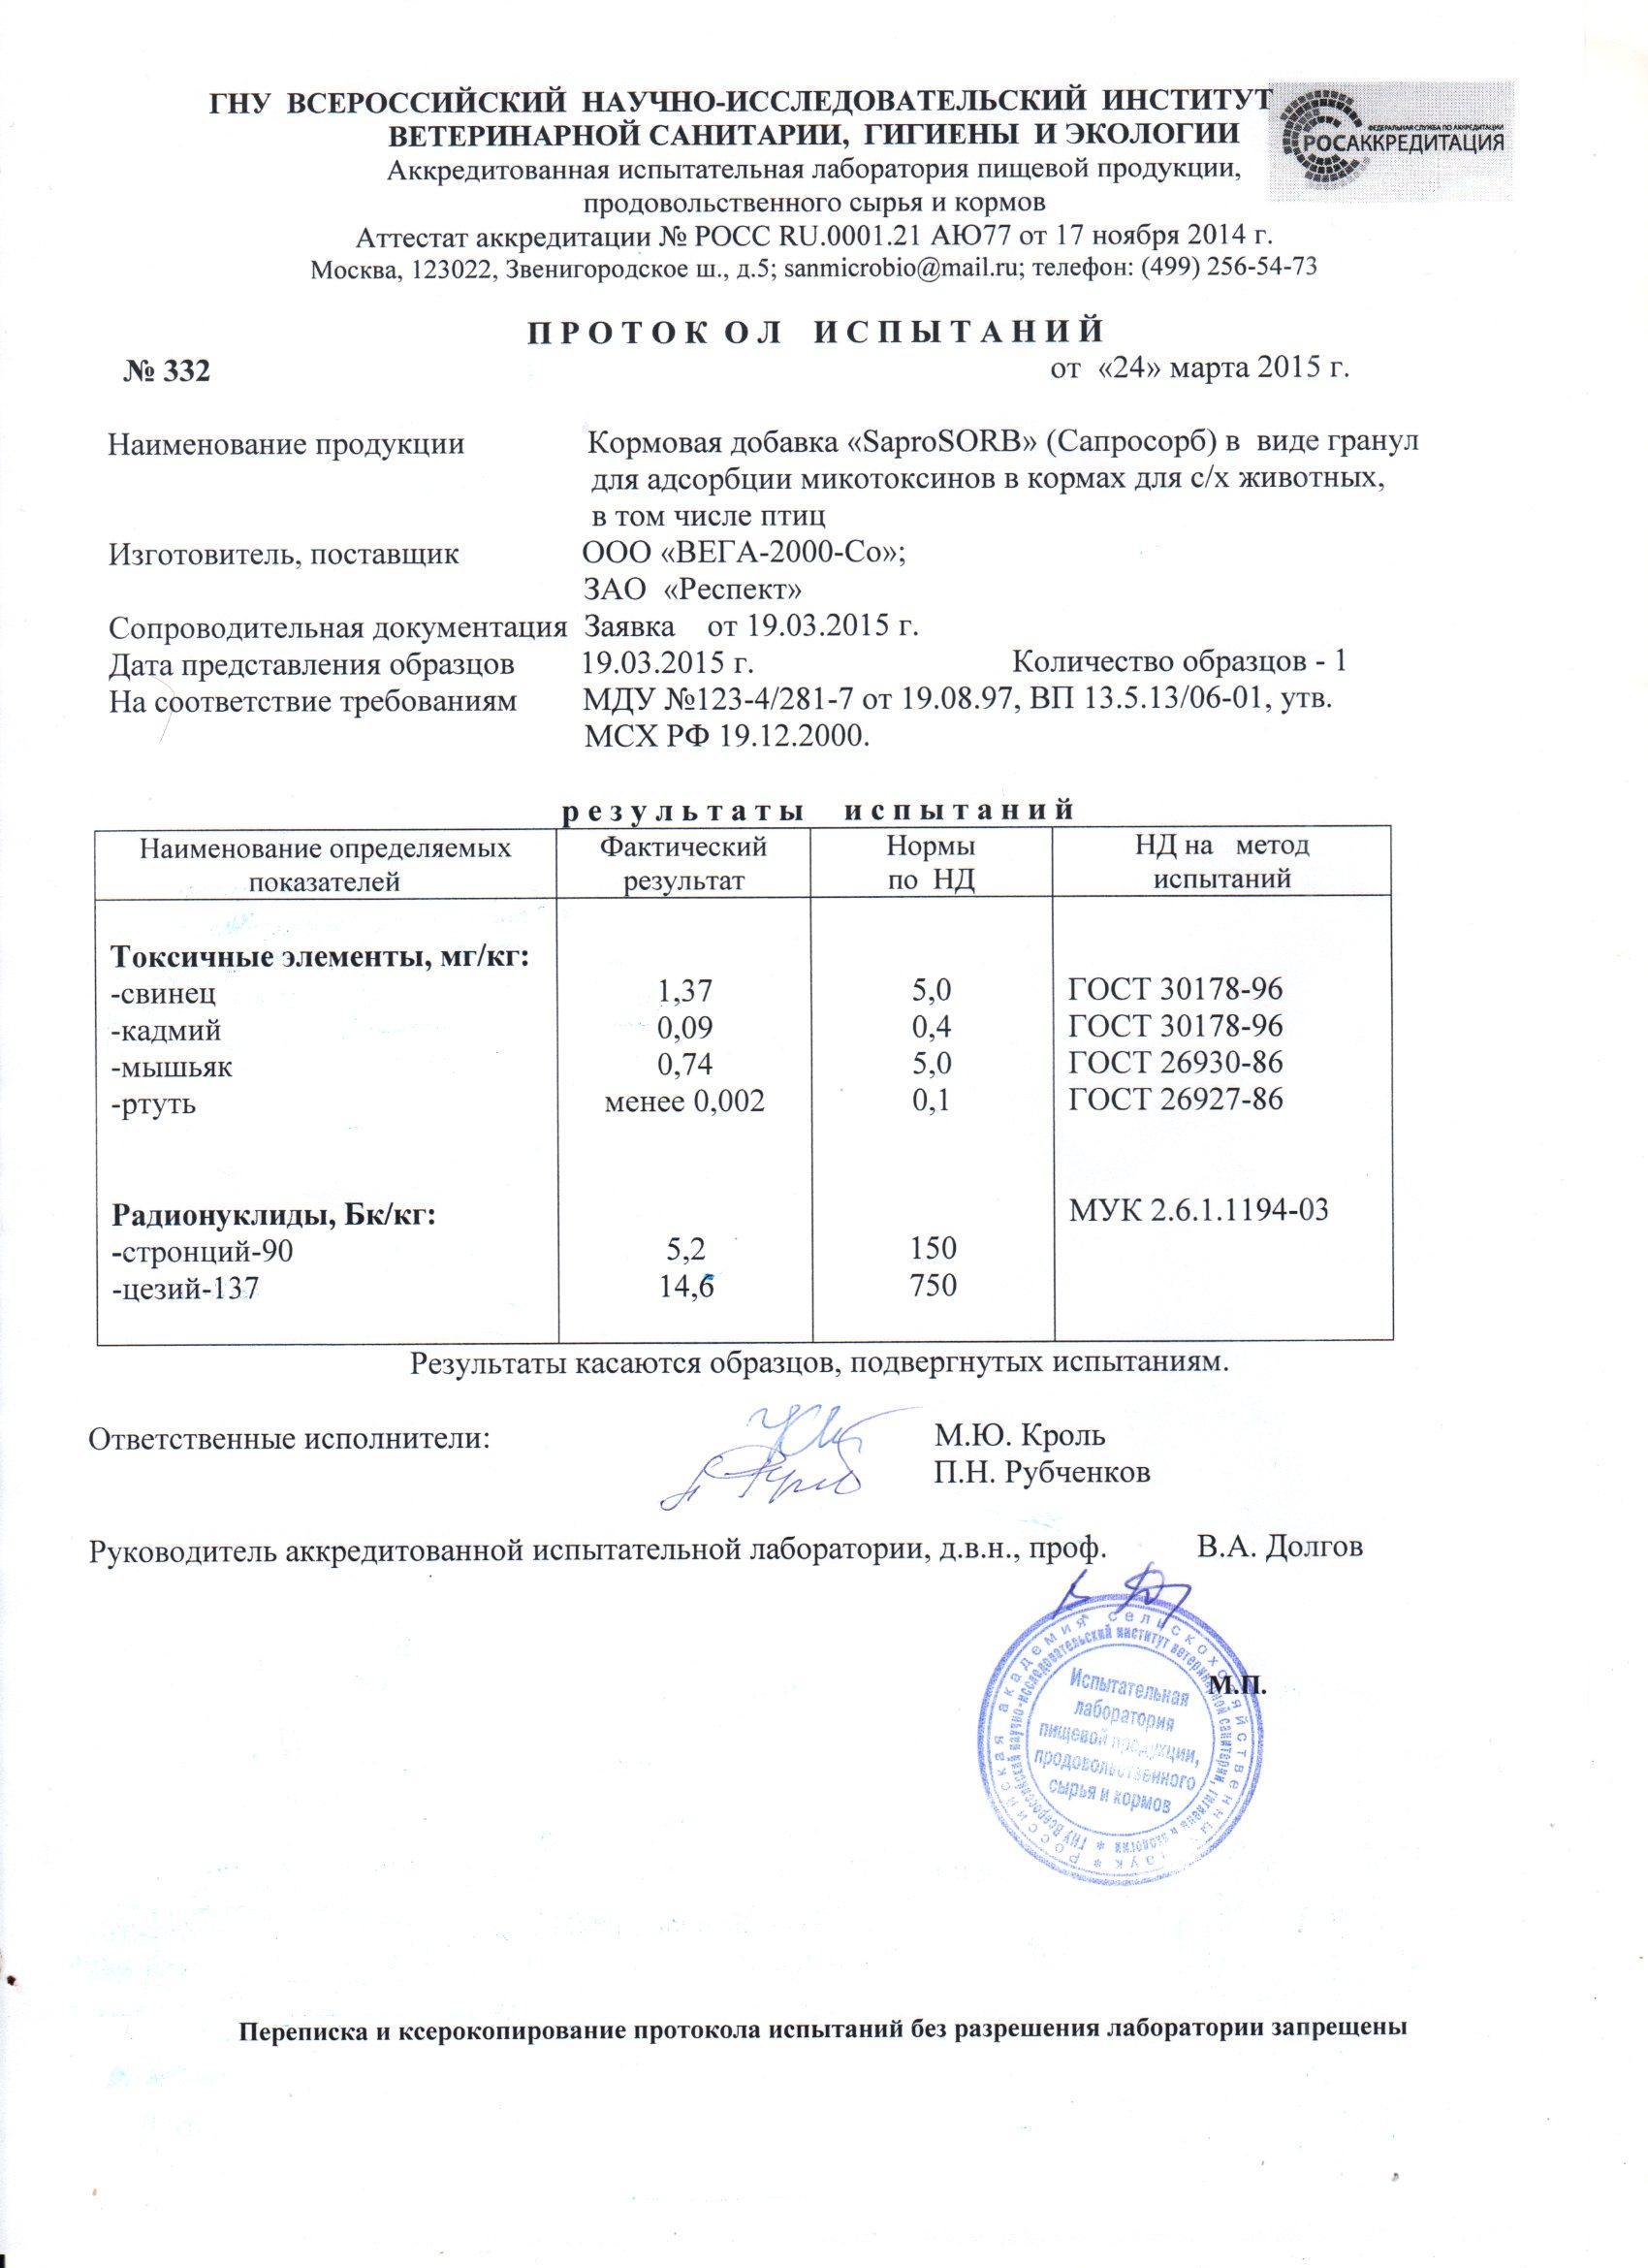 Протокол к Декларации соответствия кормовой добавки для животных сорбента/адсорбента Сапросорб Saprosorb